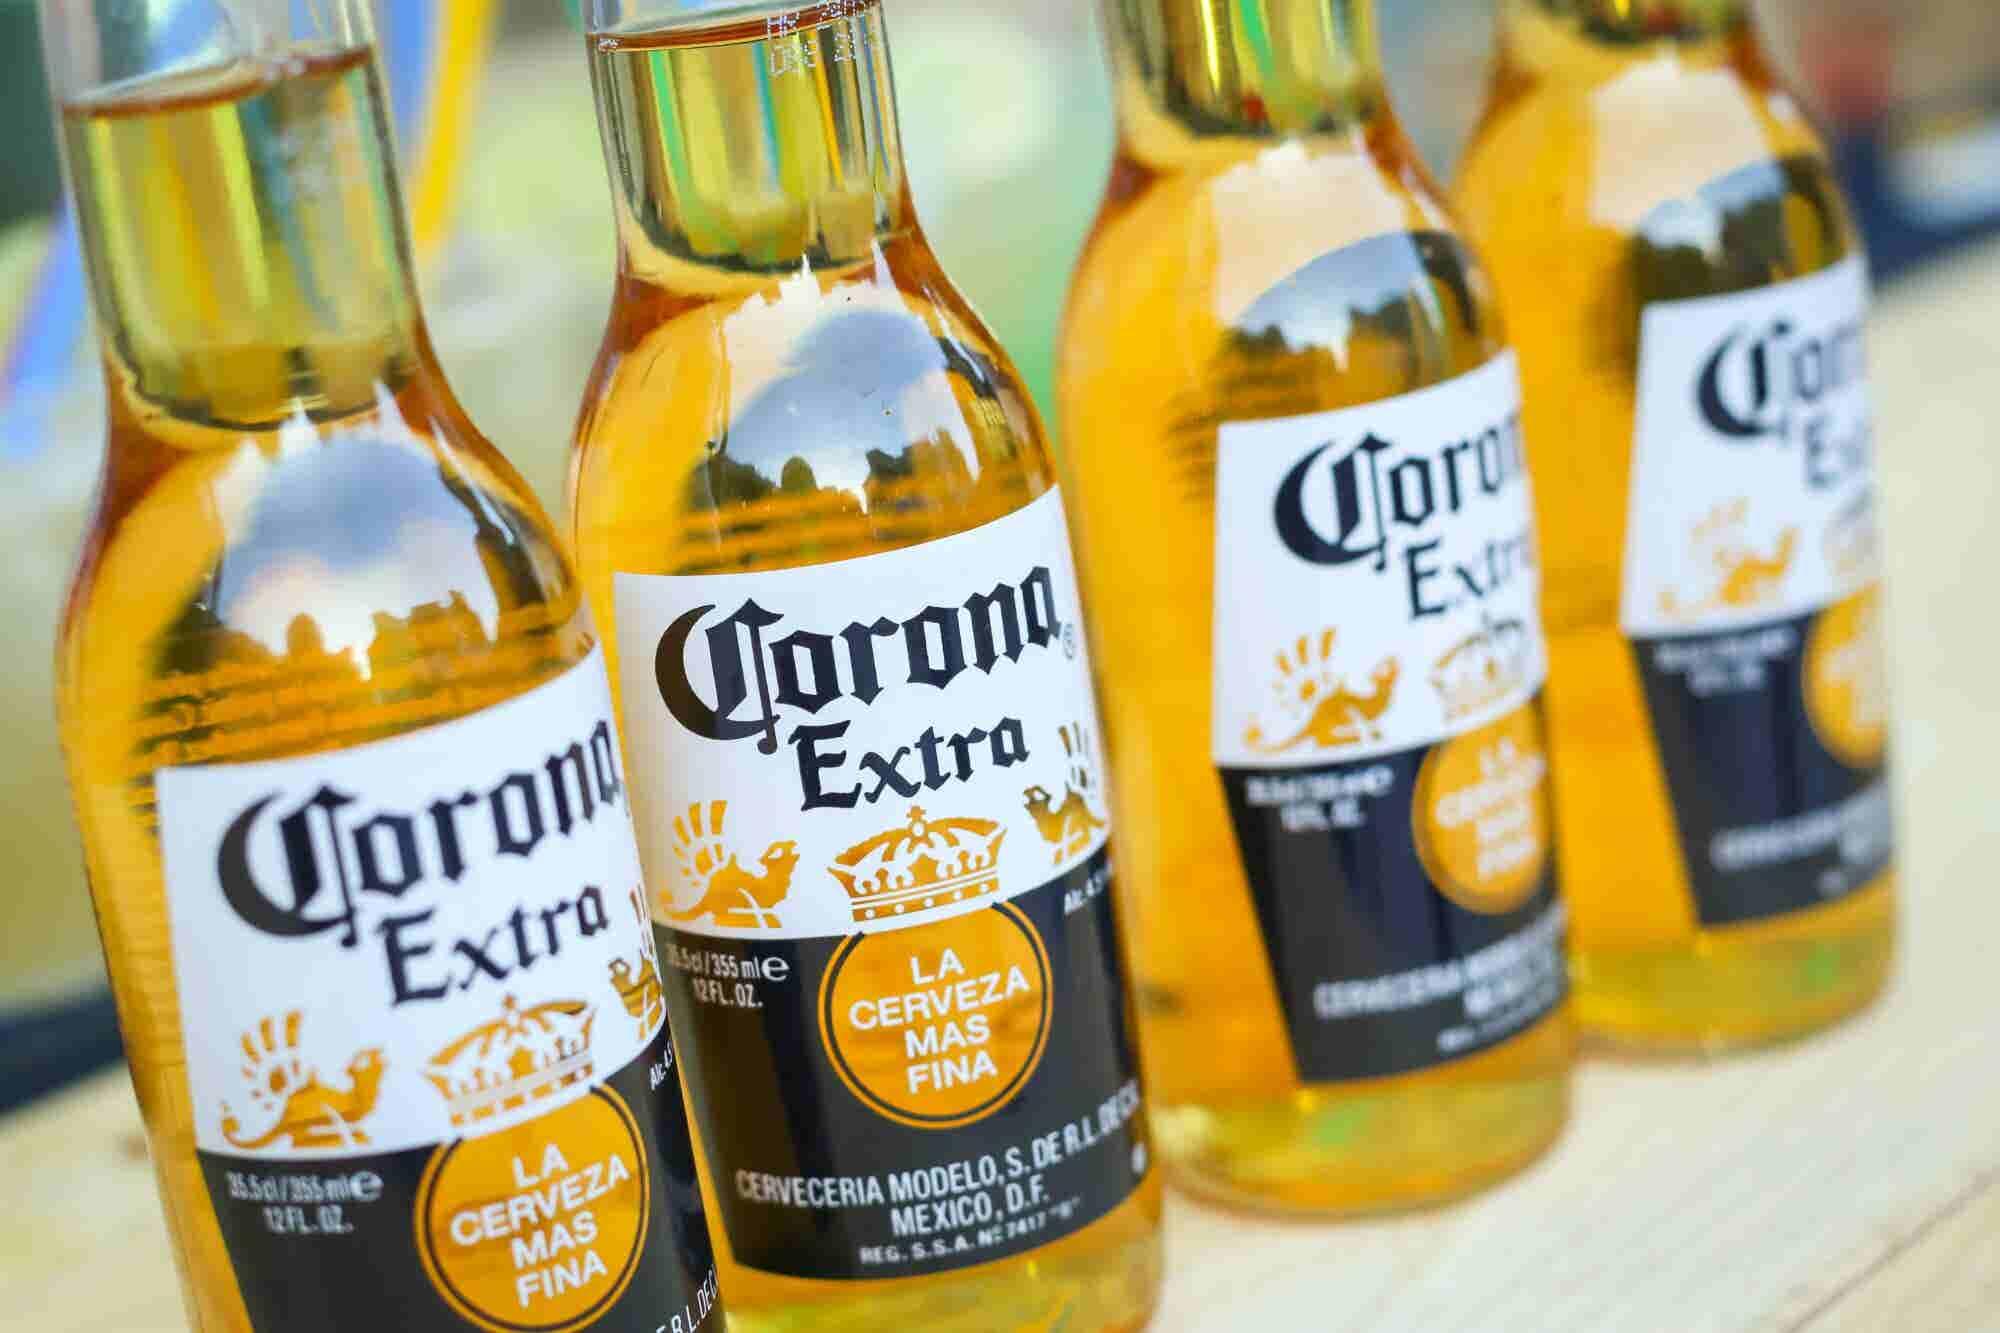 Fabricante de la cerveza Corona invertirá 100 millones de dólares en startups dirigidas por mujeres